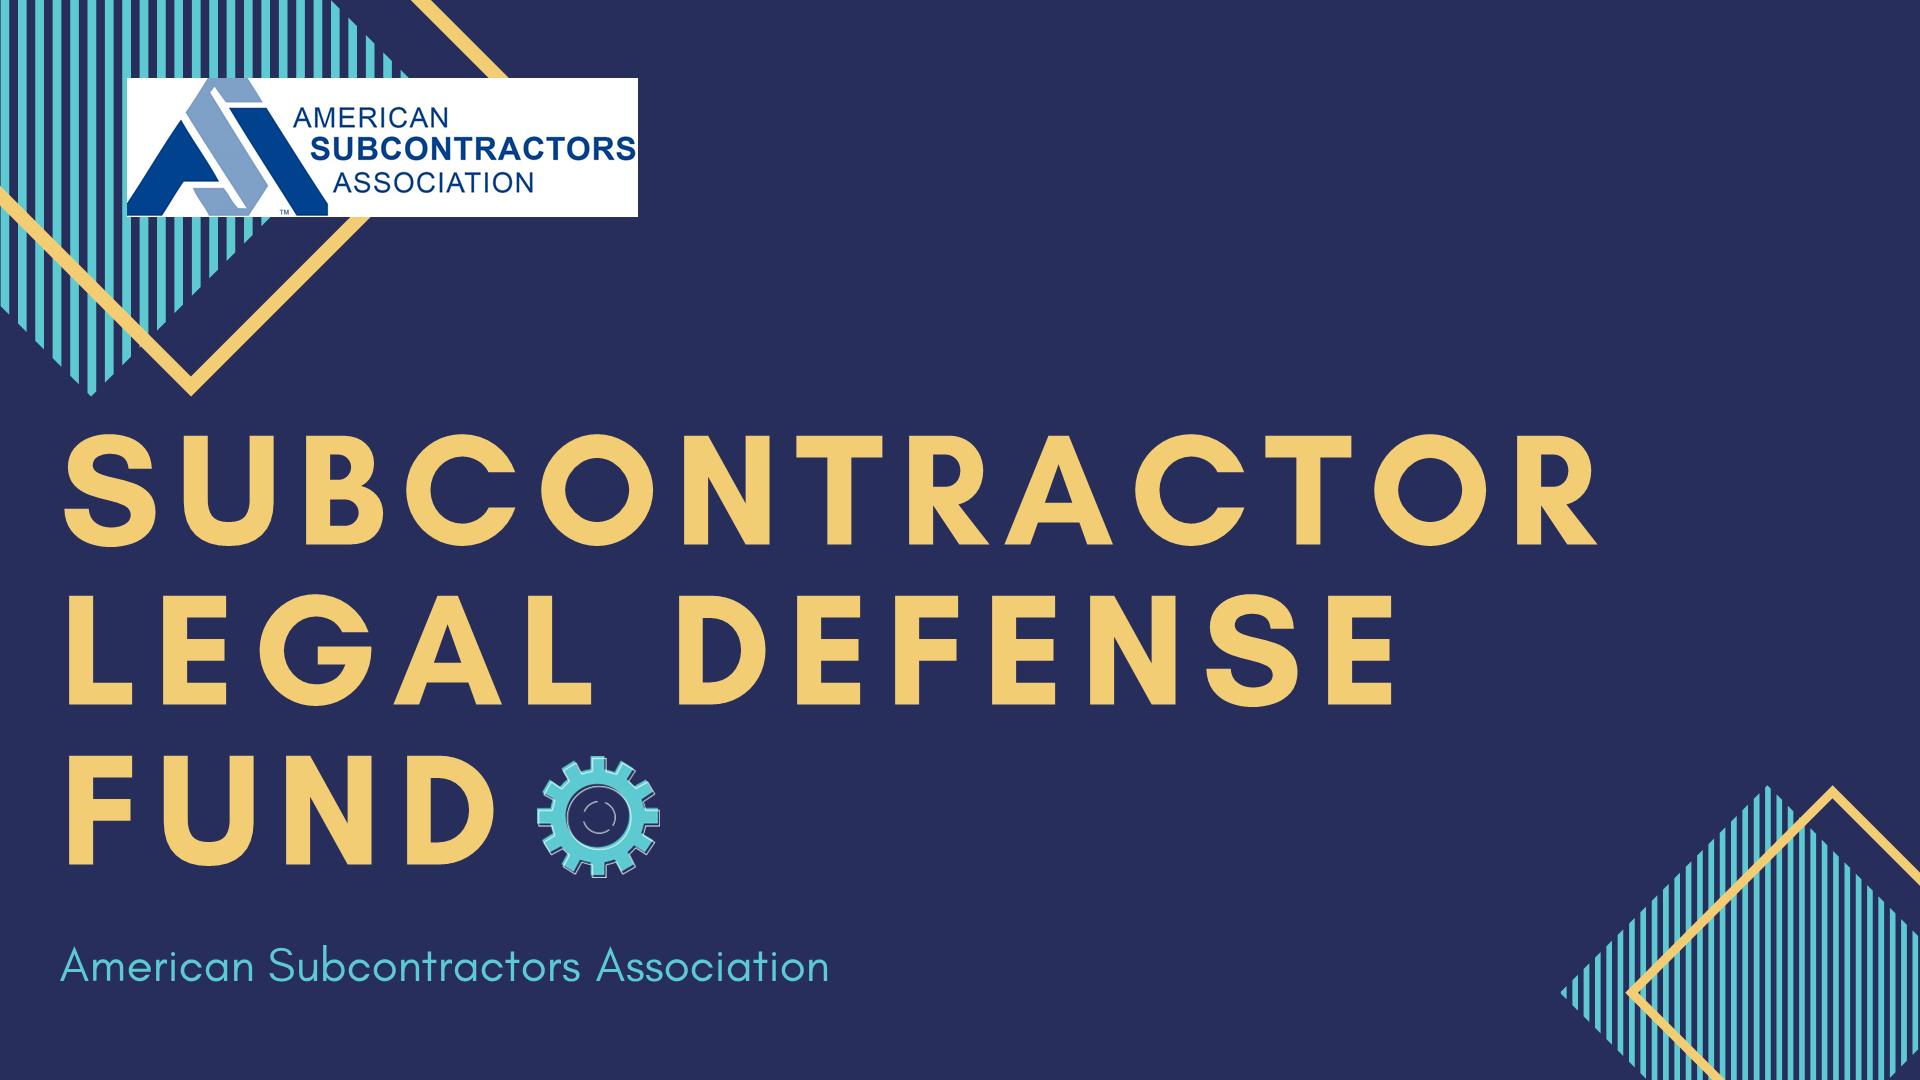 subcontractor legal defense fund presentation 2020